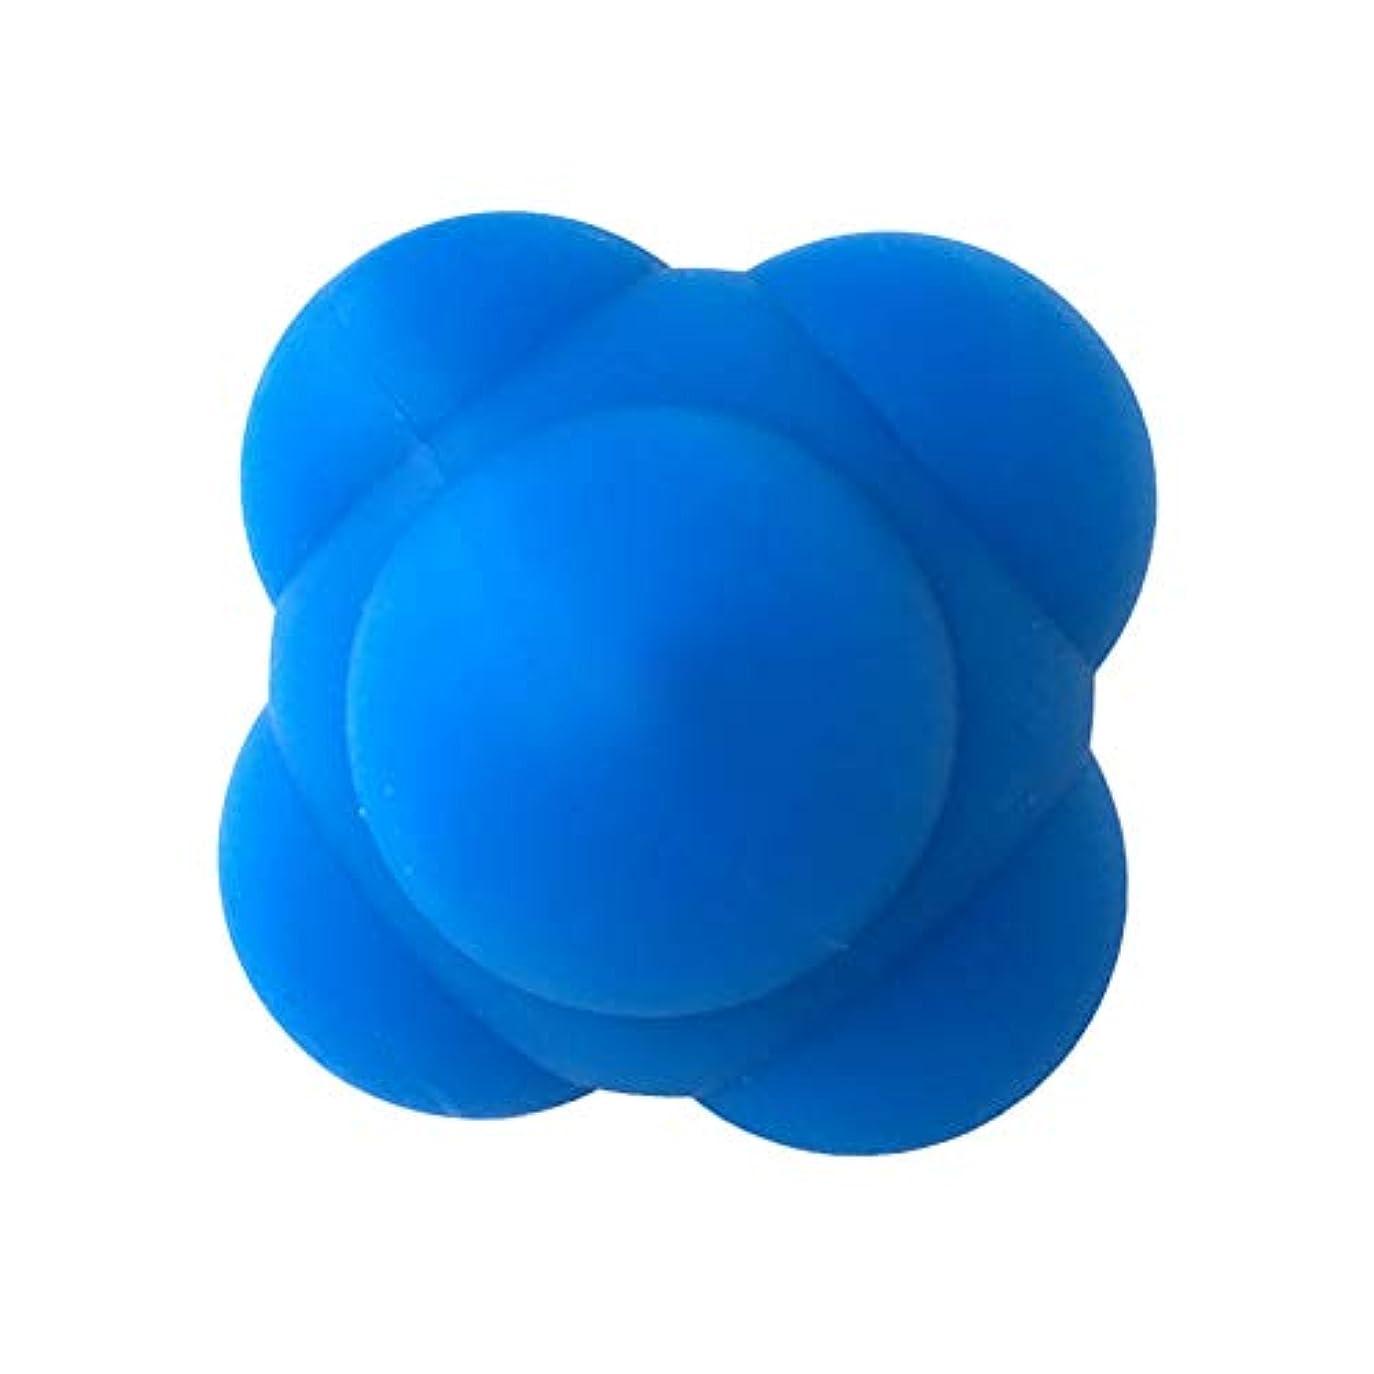 検出公式唇Healifty シリコントレーニングボールフィットネスリアクションエクササイズボール速さと敏捷性トレーニングボール(青/ 6cm)